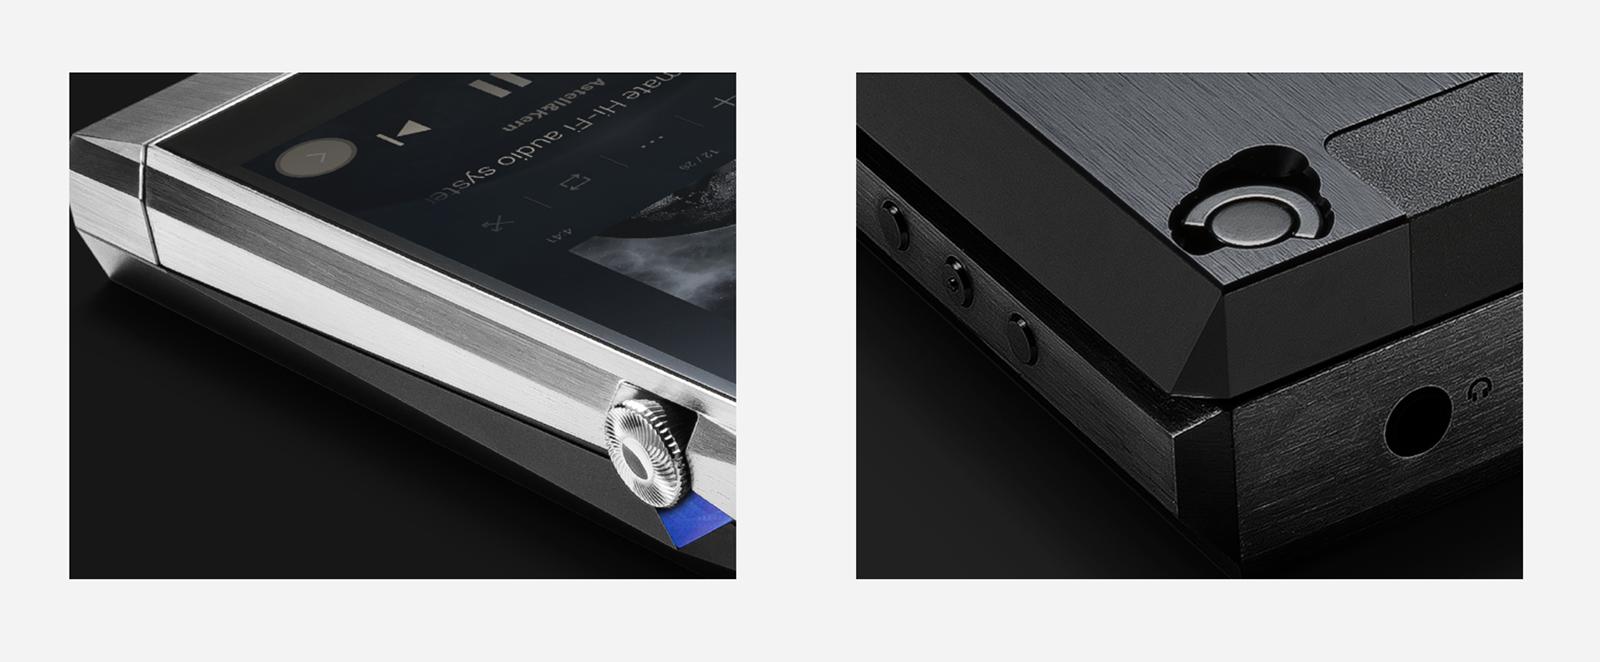 SP1000 AMP design details